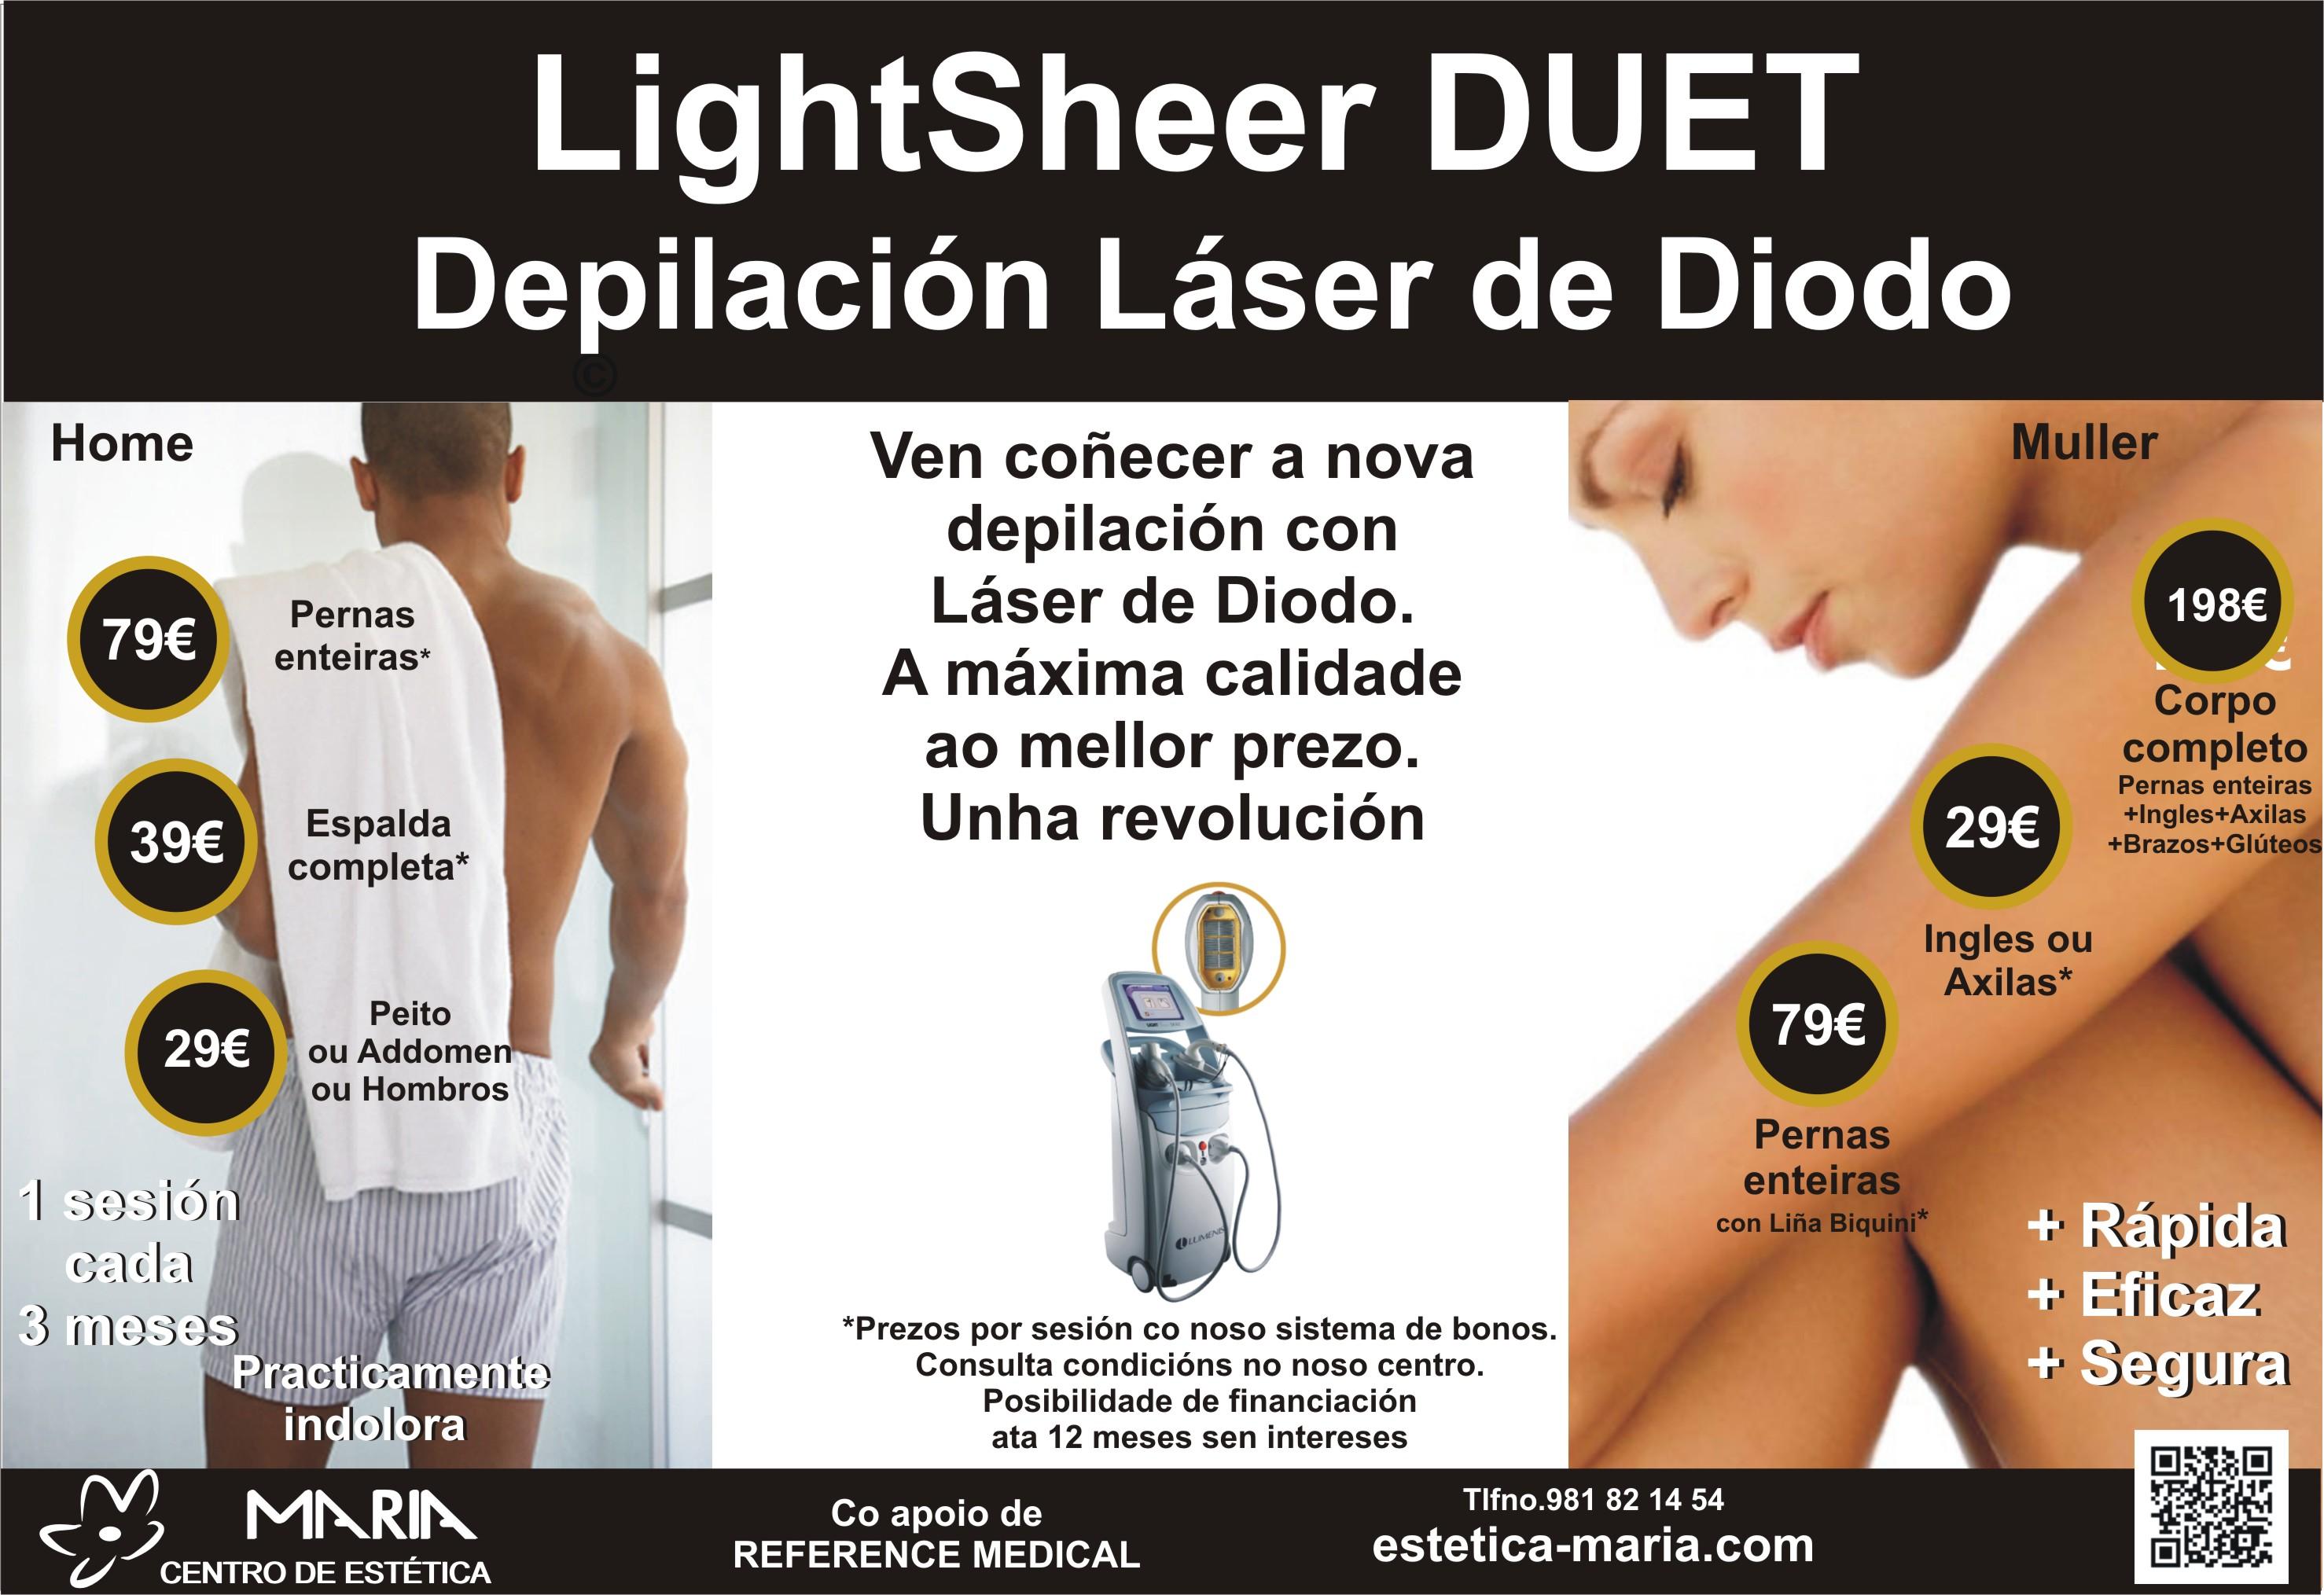 laser diodo depilacion: